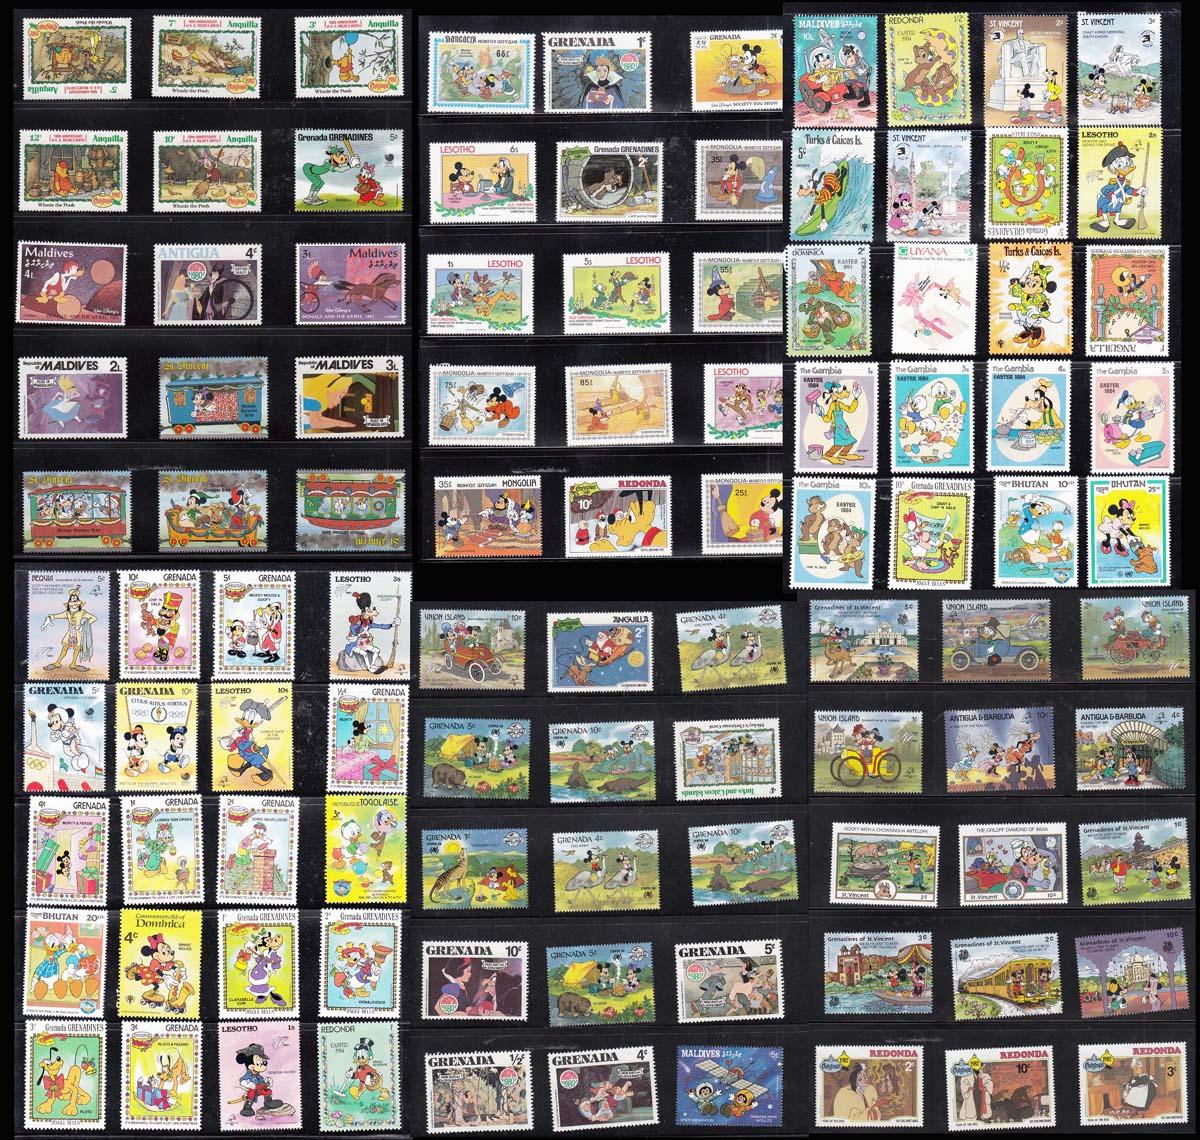 Иностранные штампы 50 мультфильма Disney не повторяются полностью новый бесплатная доставка по китаю Купить 8 порций предлагают 400 различных